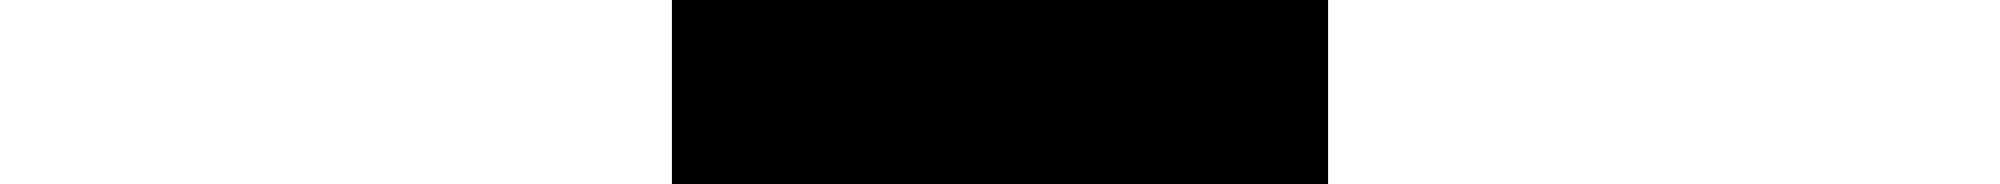 sc-showbiz-culture-logo-bl.png